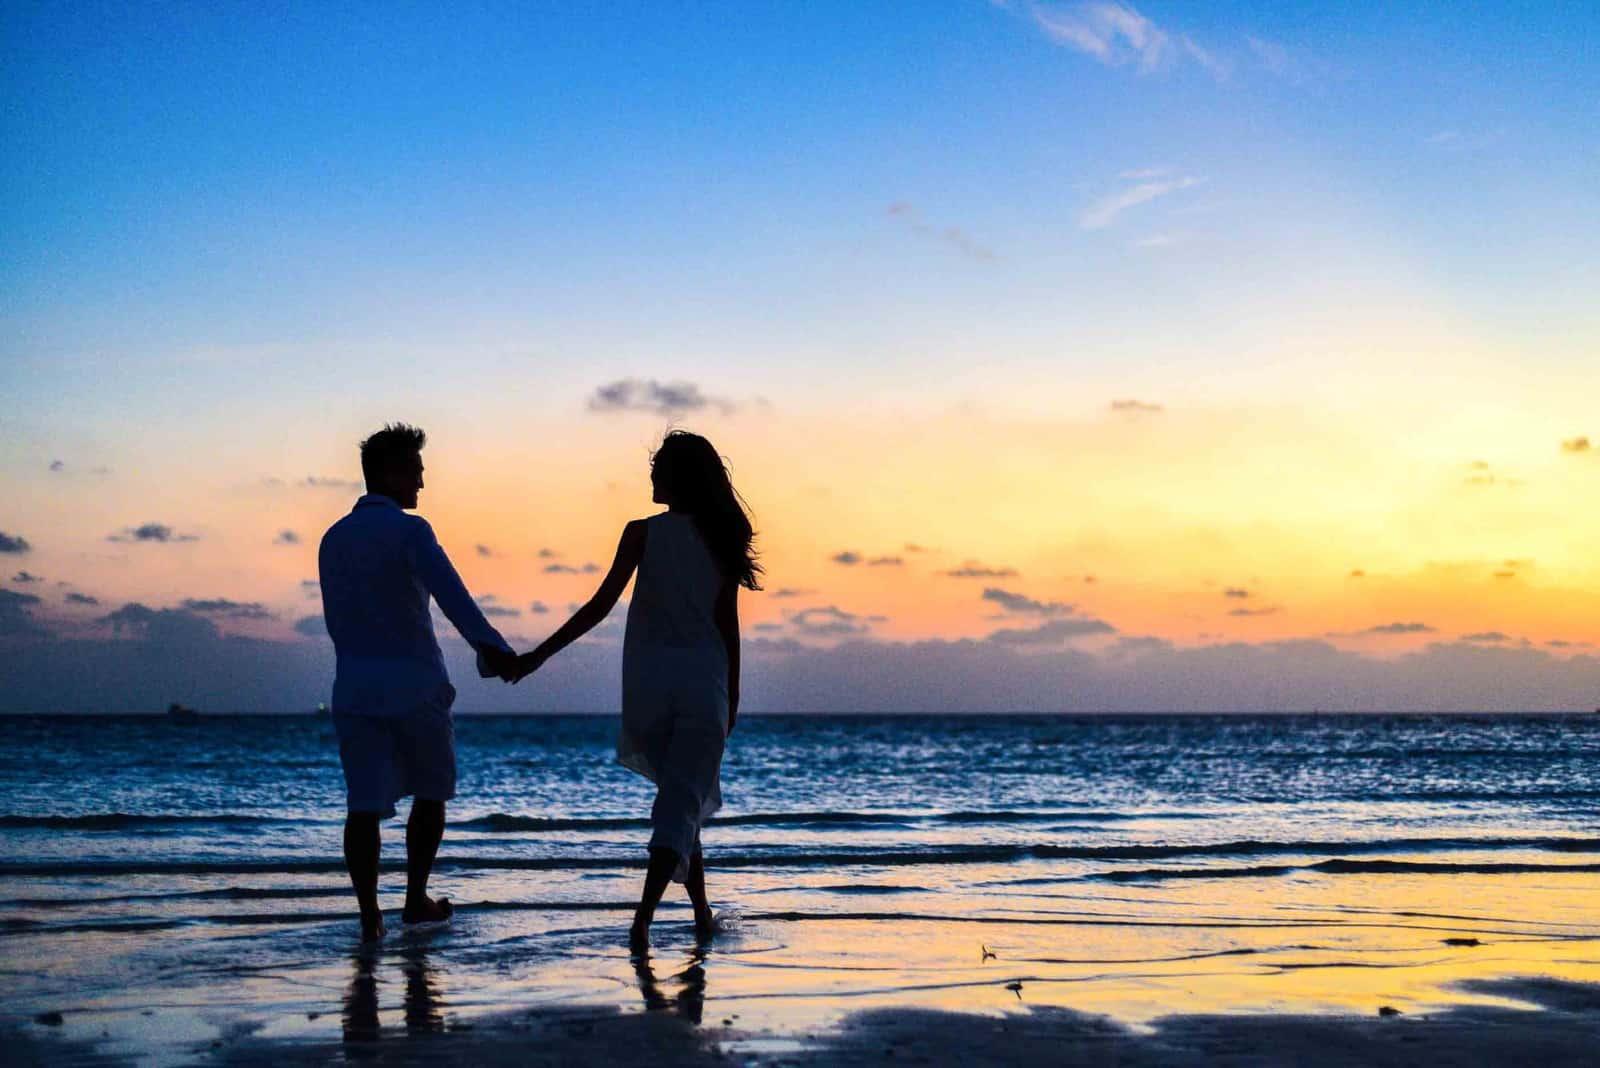 homme et femme se tenant la main en marchant près de la mer